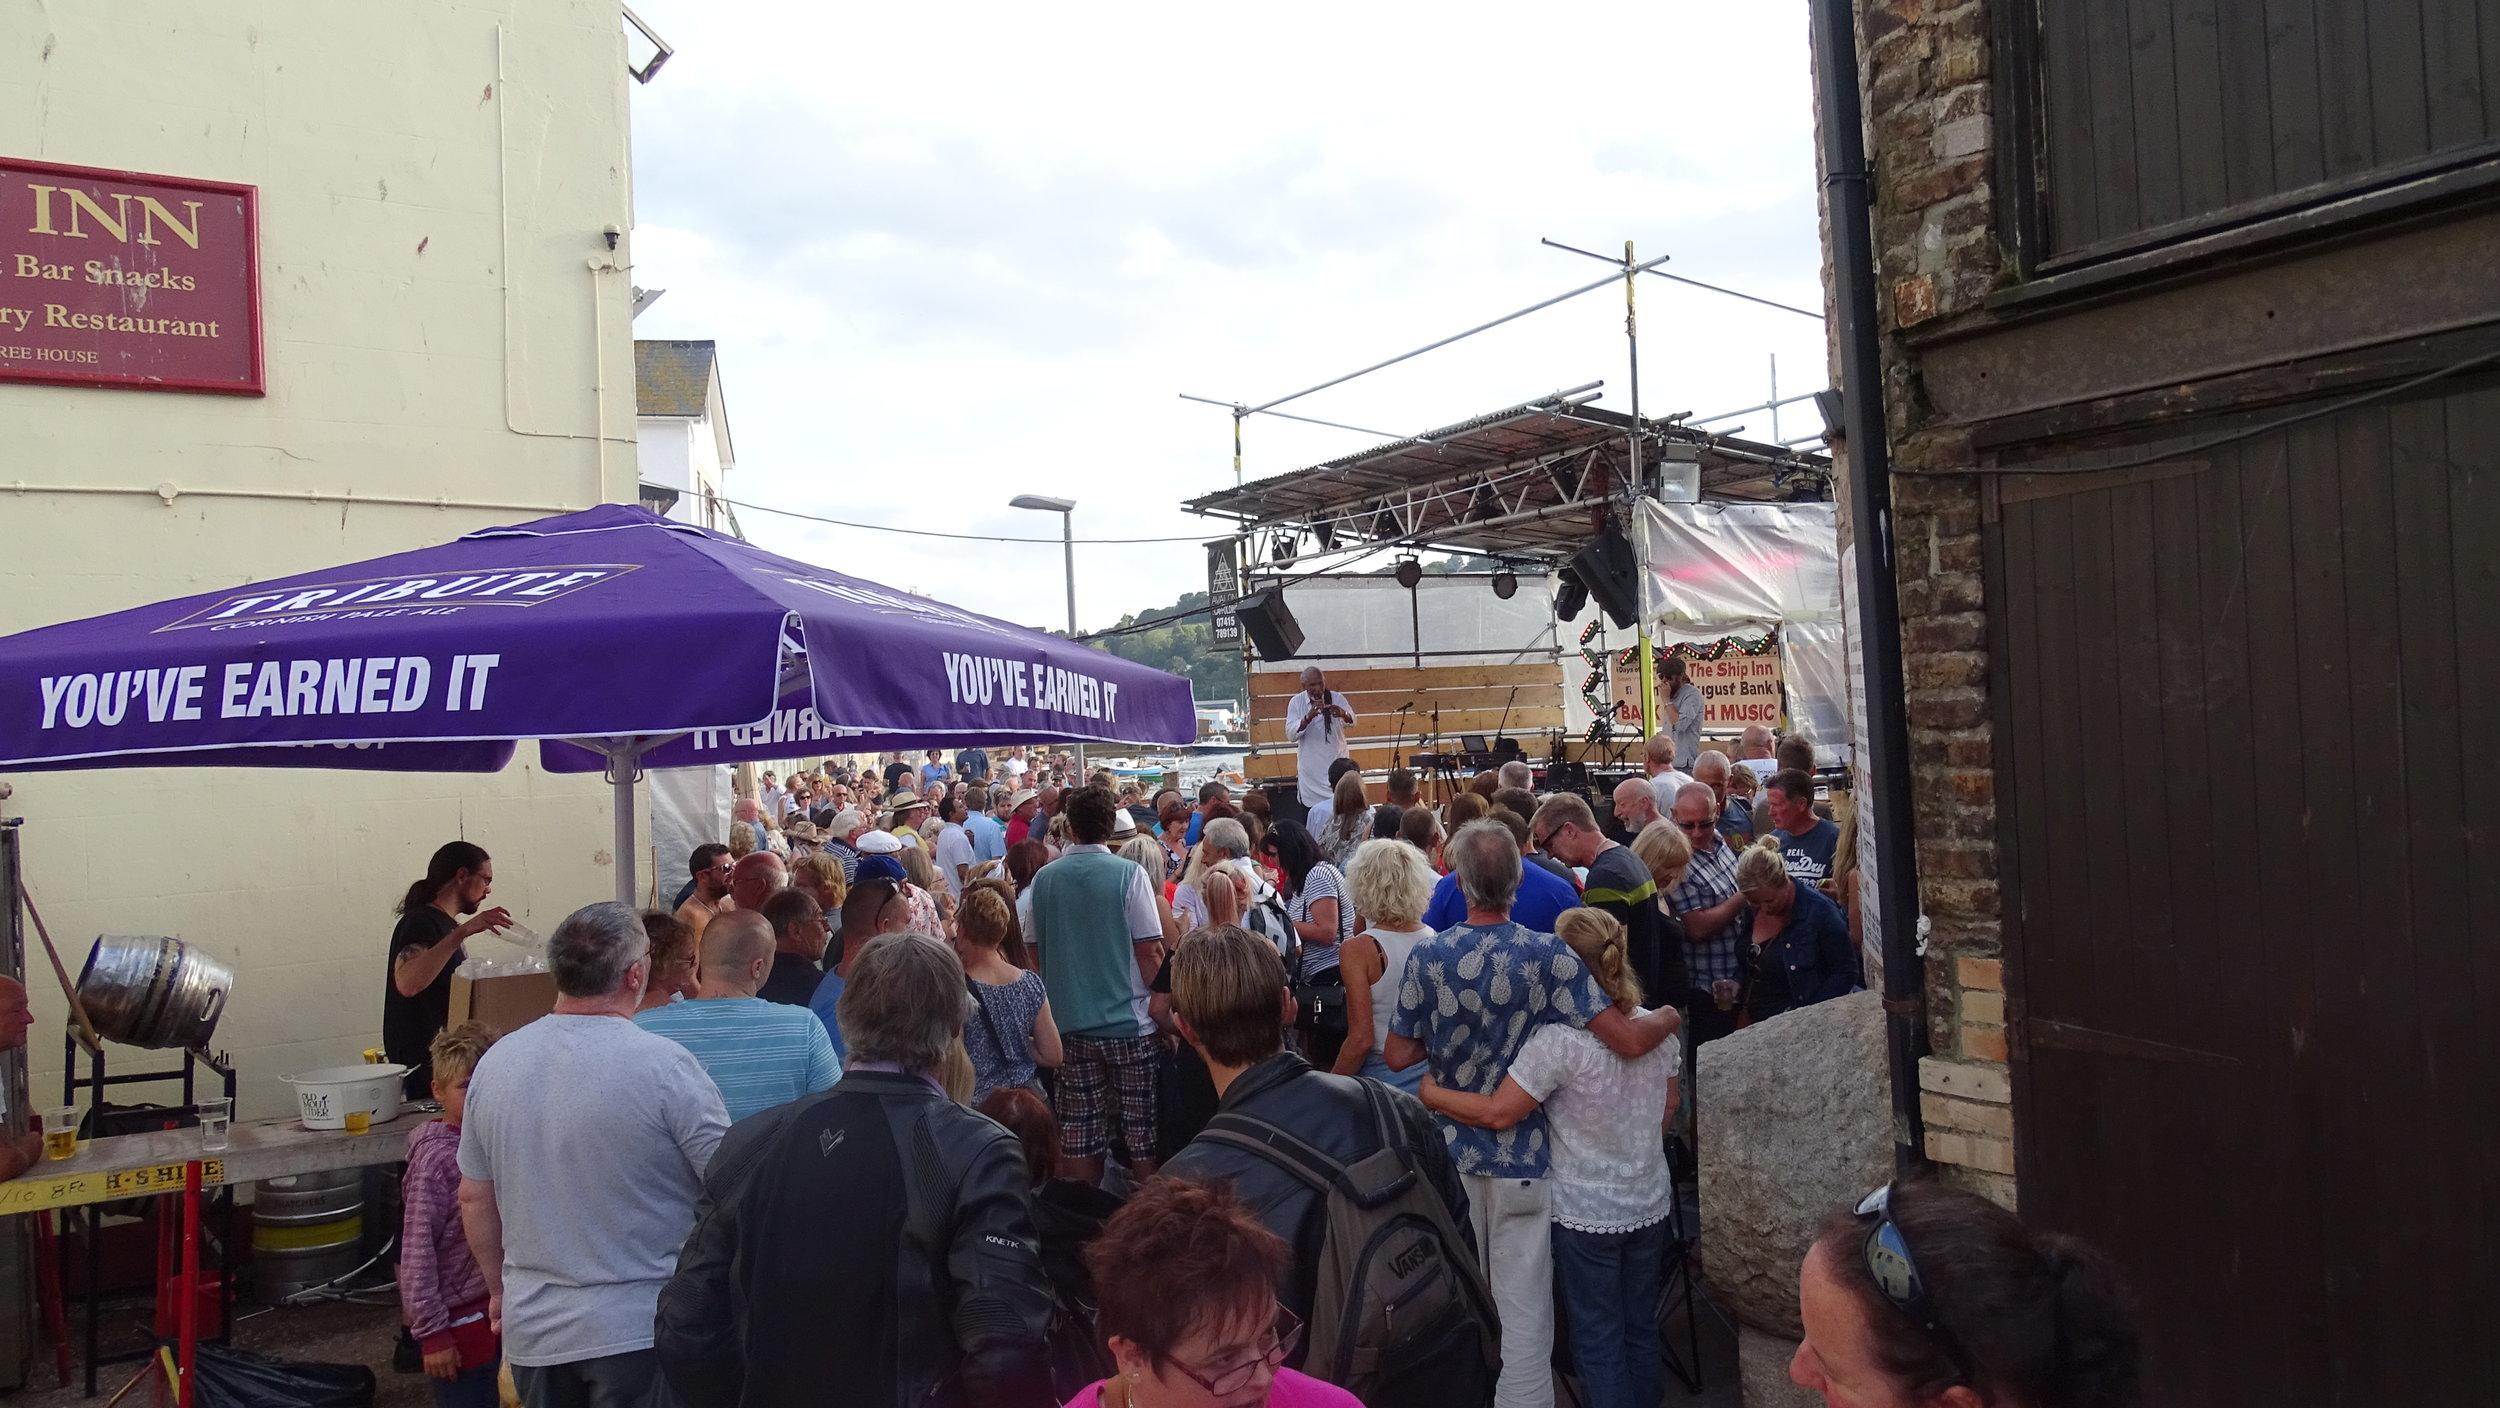 The ship inn music festival p2 318.JPG